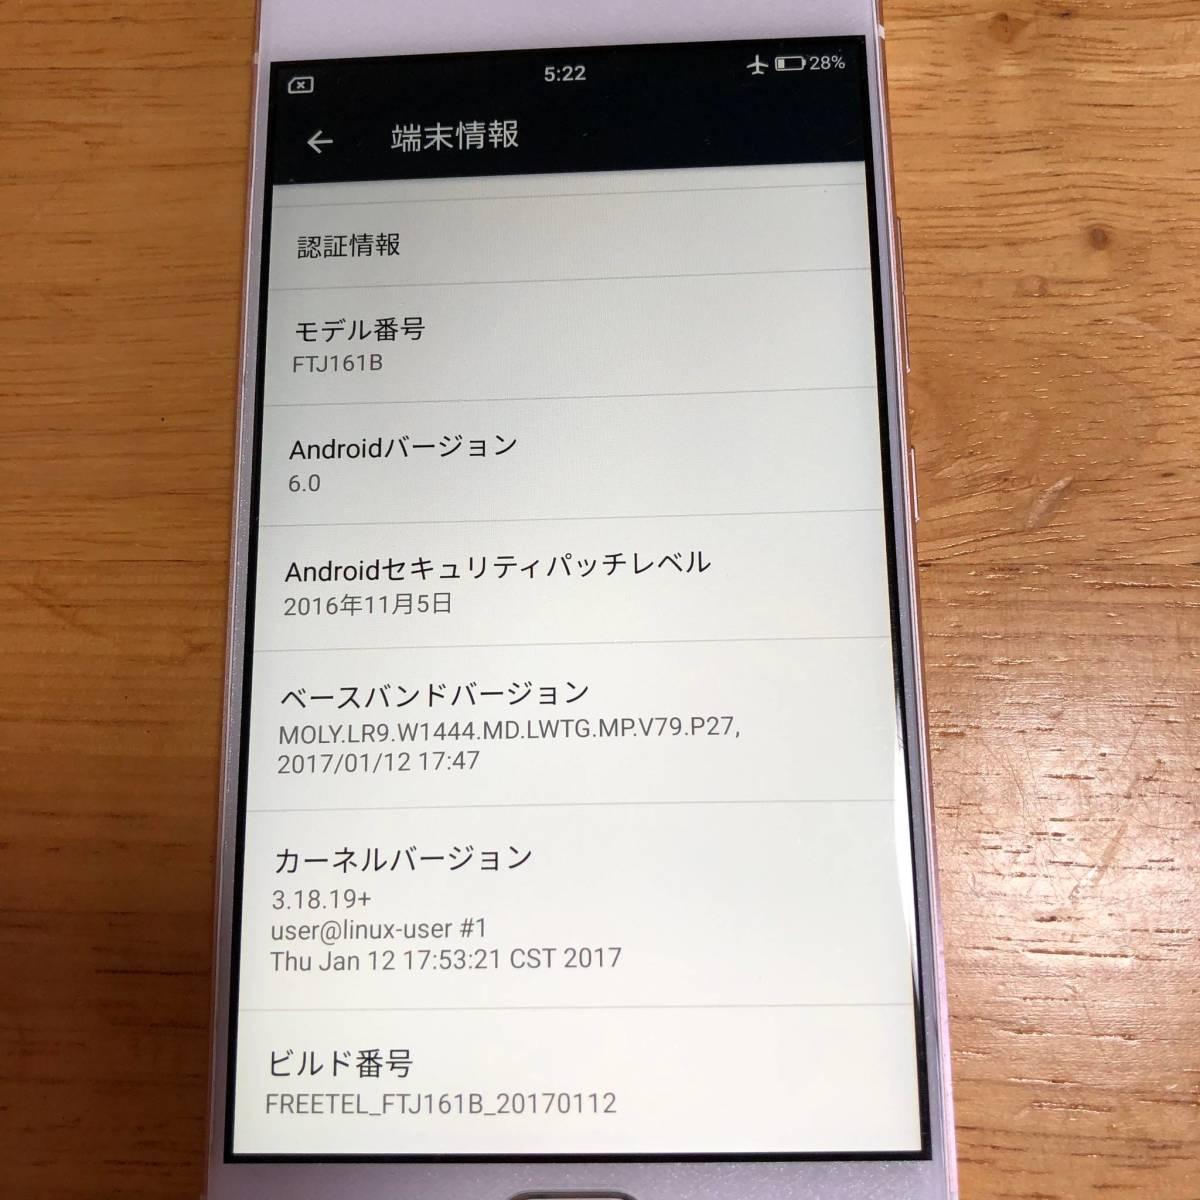 SIMフリー スマホ スマートフォン freetel REI Priori3S LTE FTJ161B C Priori3S 格安スマホ ピンクゴールド 送料無料_画像4